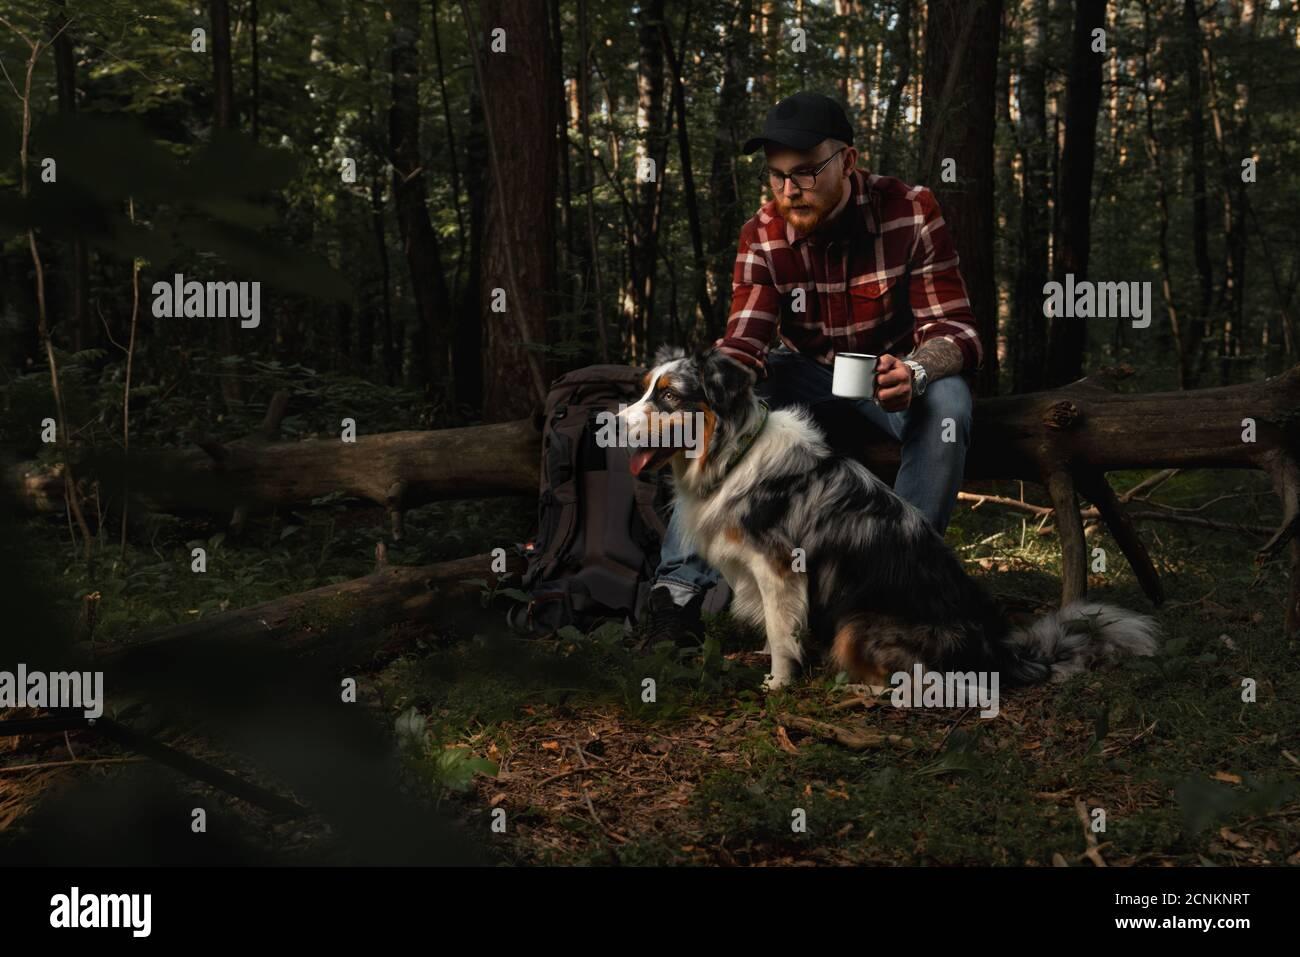 Backpacker Tourist avec Aussie chien de race australienne taling un repos Afther se promener dans la forêt. Style de vie actif avec les animaux. Homme buvant du thé frais préparé Banque D'Images